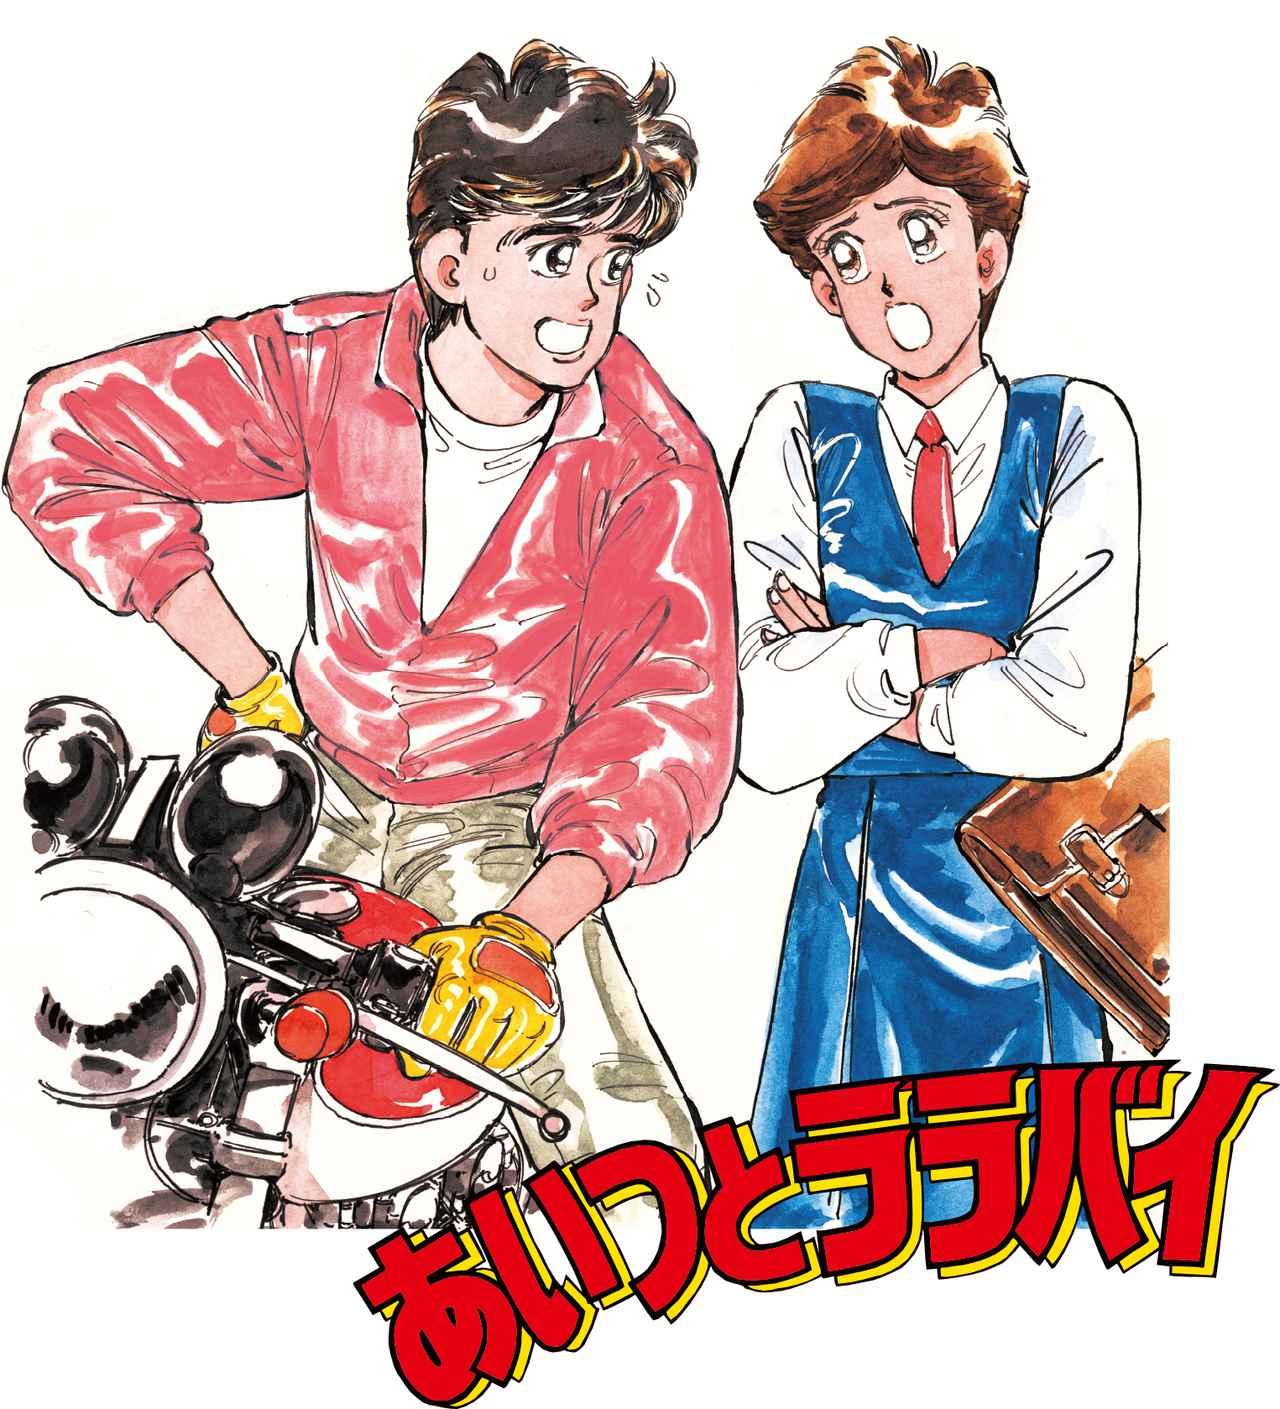 楠みちはる〈僕のバイク道・漫画道〉第14回「メモを残してバッくれる」/『あいつとララバイ』完結30周年記念企画